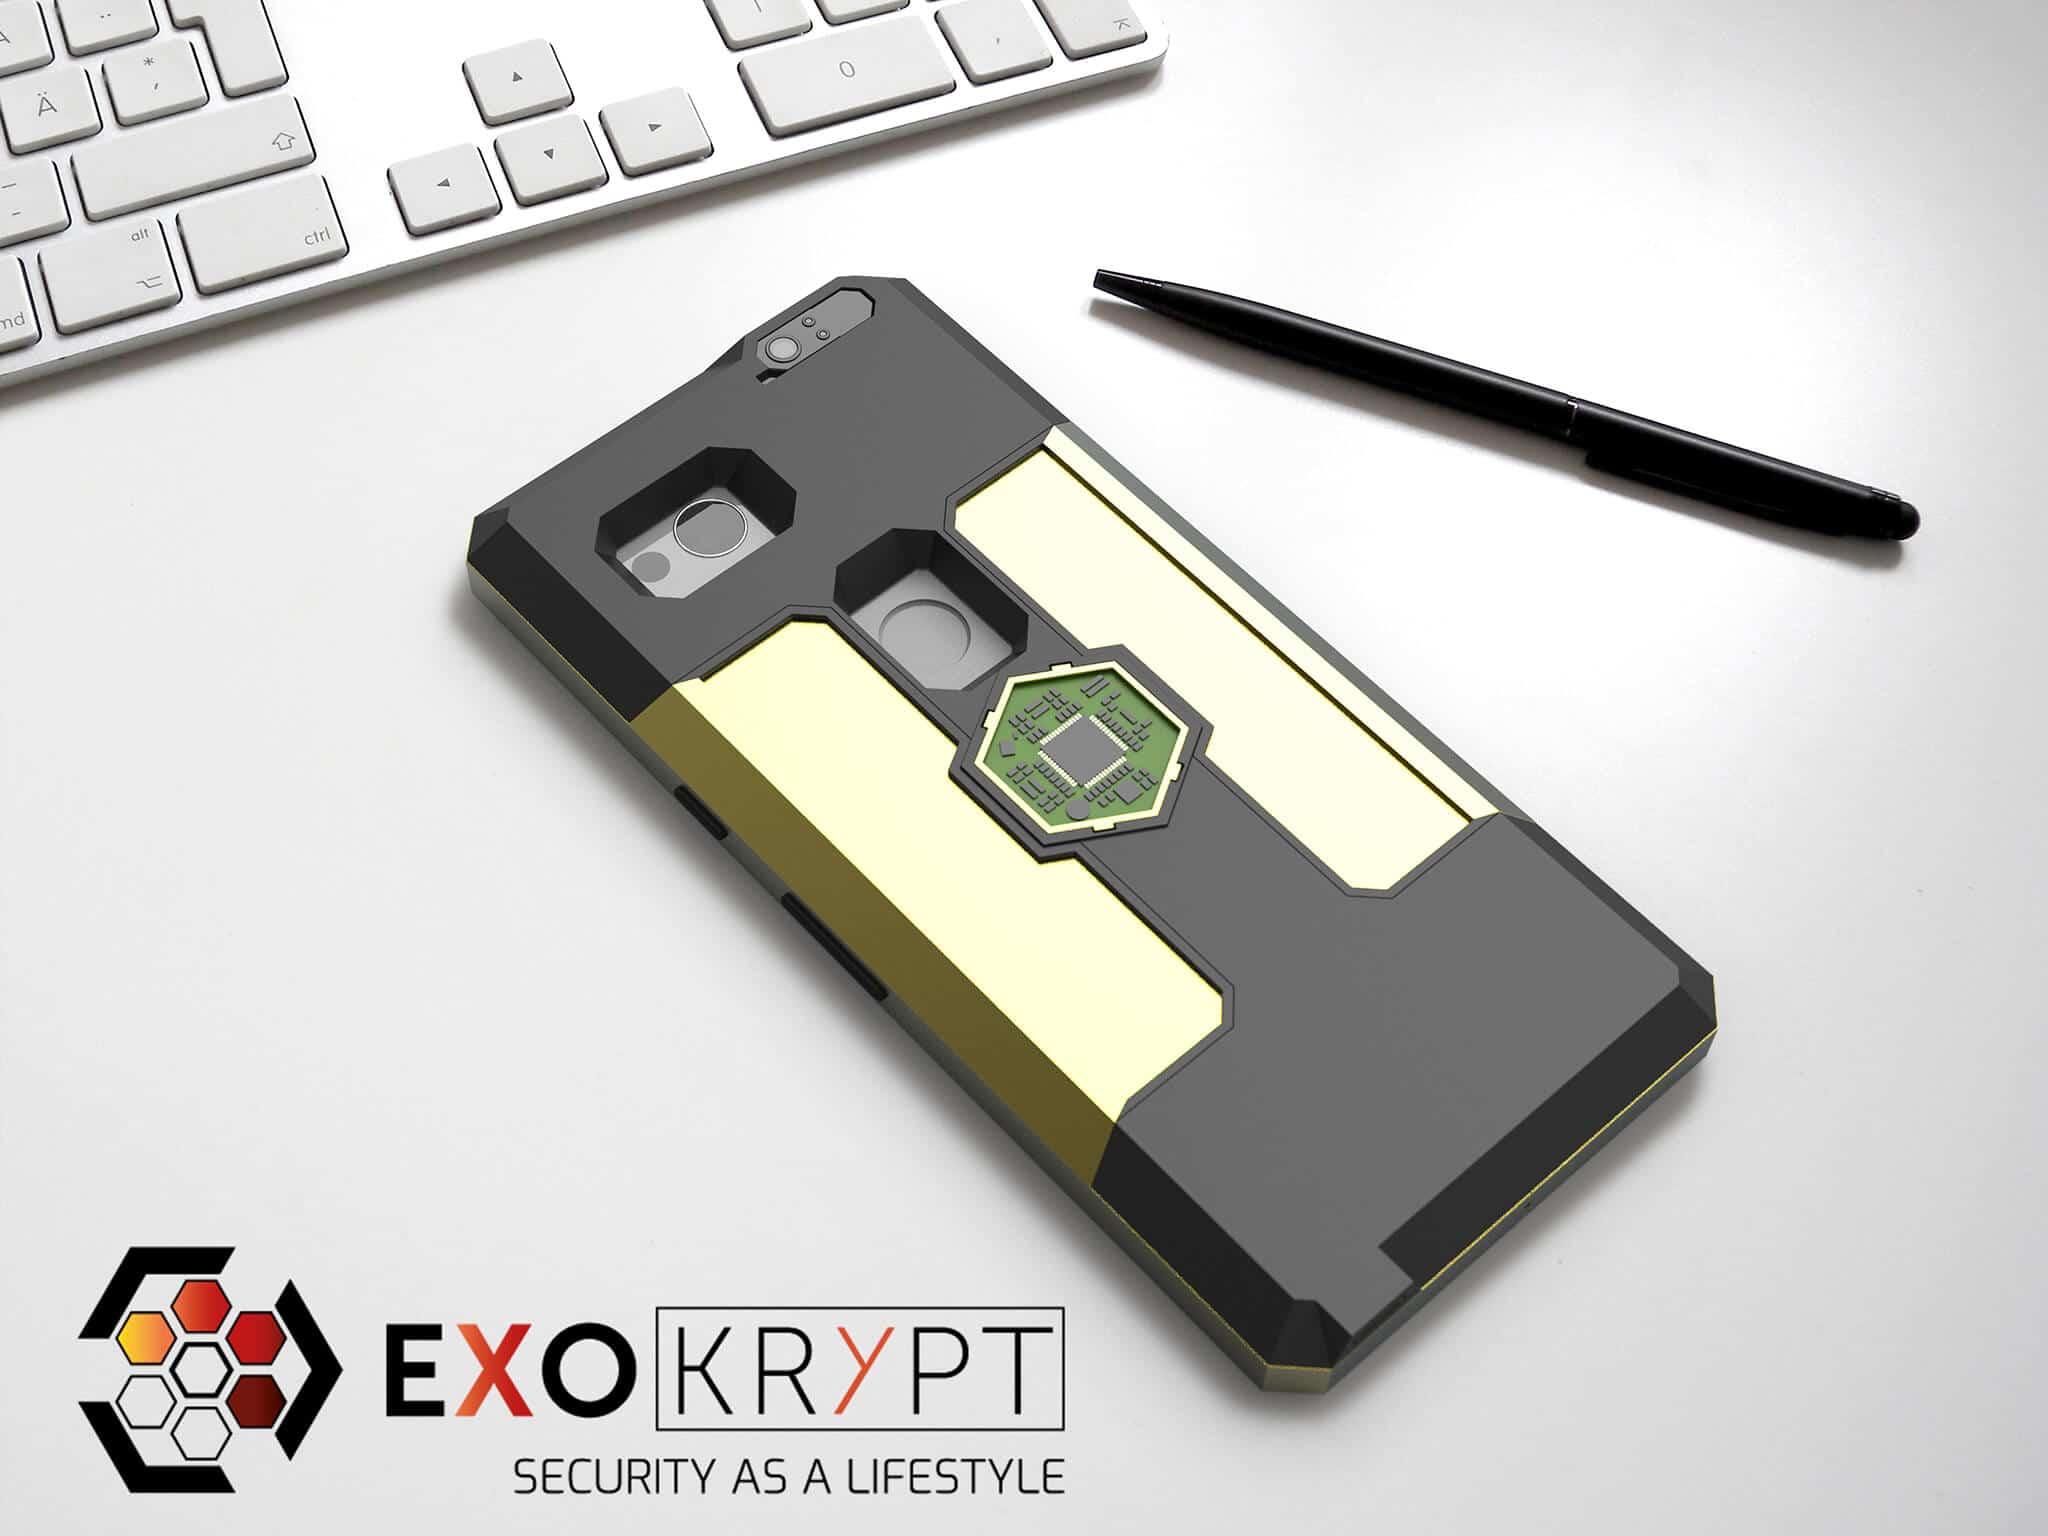 ExoShield BUSINESS Smartphone Case - Brushed Gold Frame - Gold Inlets auf einem Tisch auf einem Papierblatt liegend mit Kugelschreiber daneben, Mac Tastatur darüber